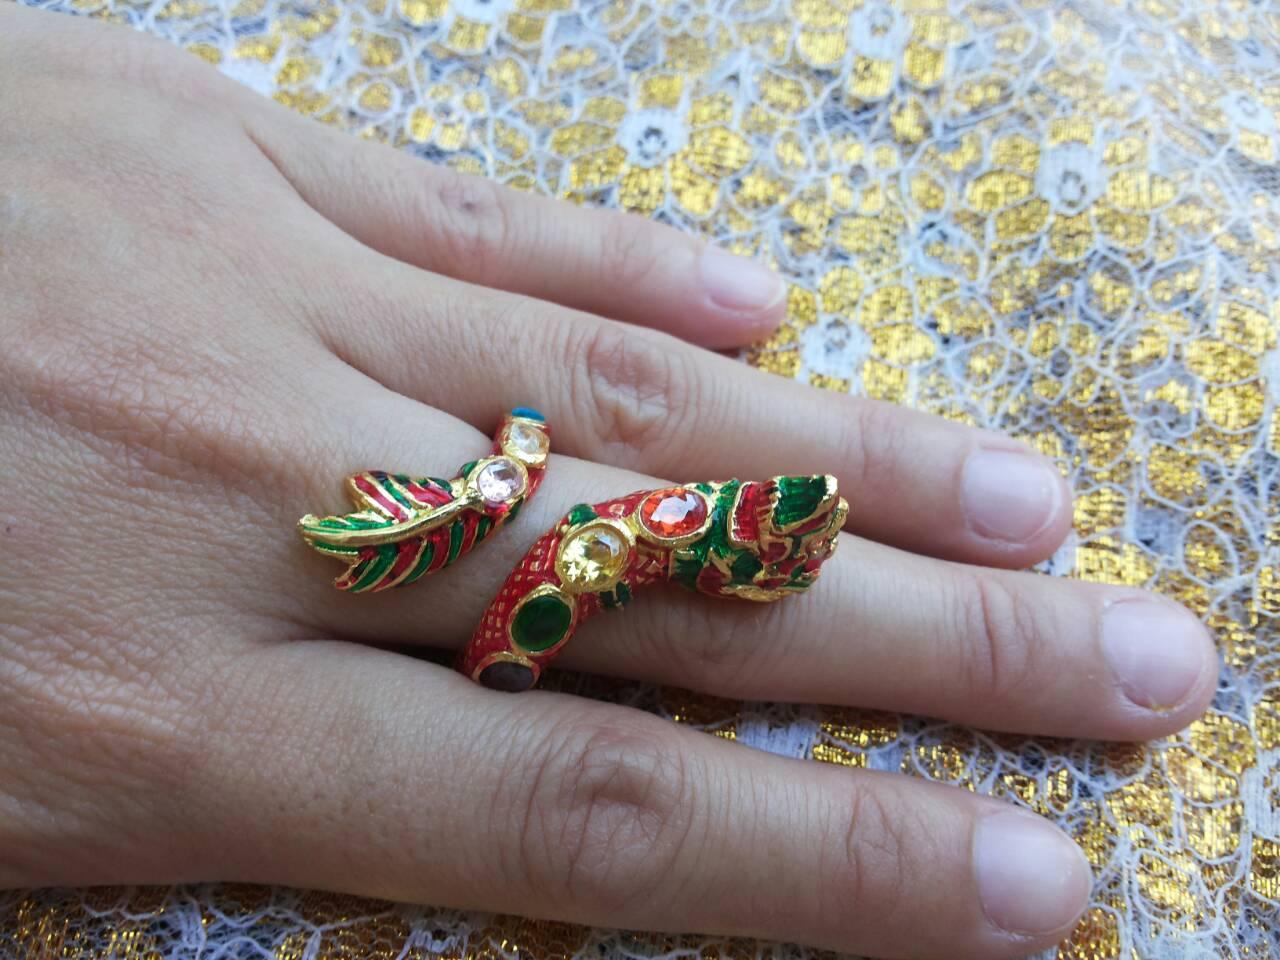 แหวนพญานาค พลอย7เม็ด